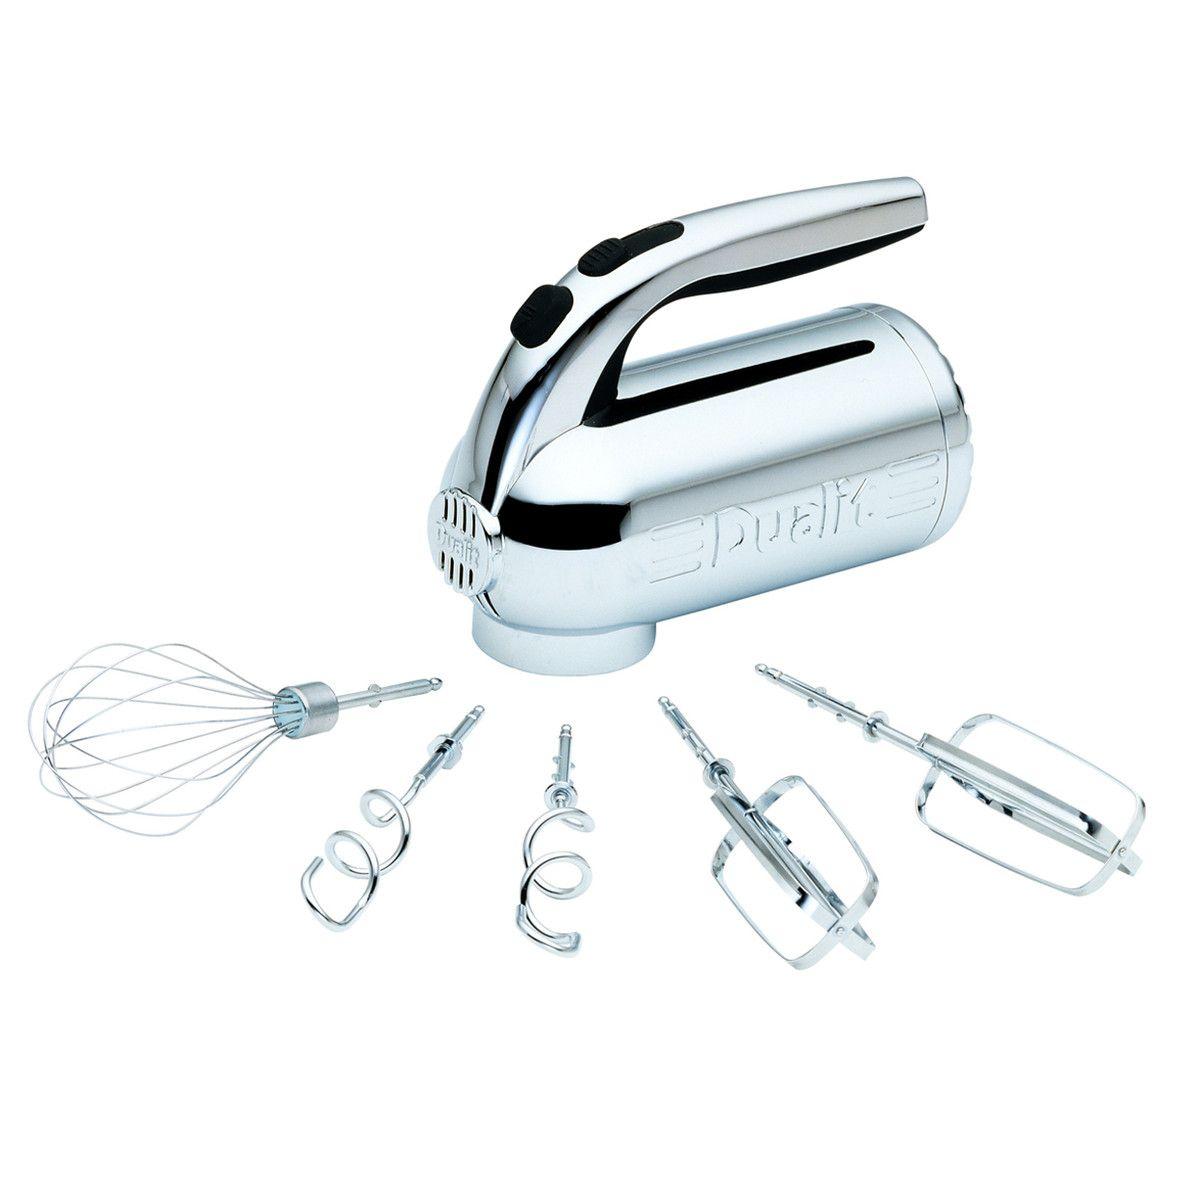 NEW Brentwood HM-48W Kitchen Essential Hand Mixer 5 Speed-White Speed White